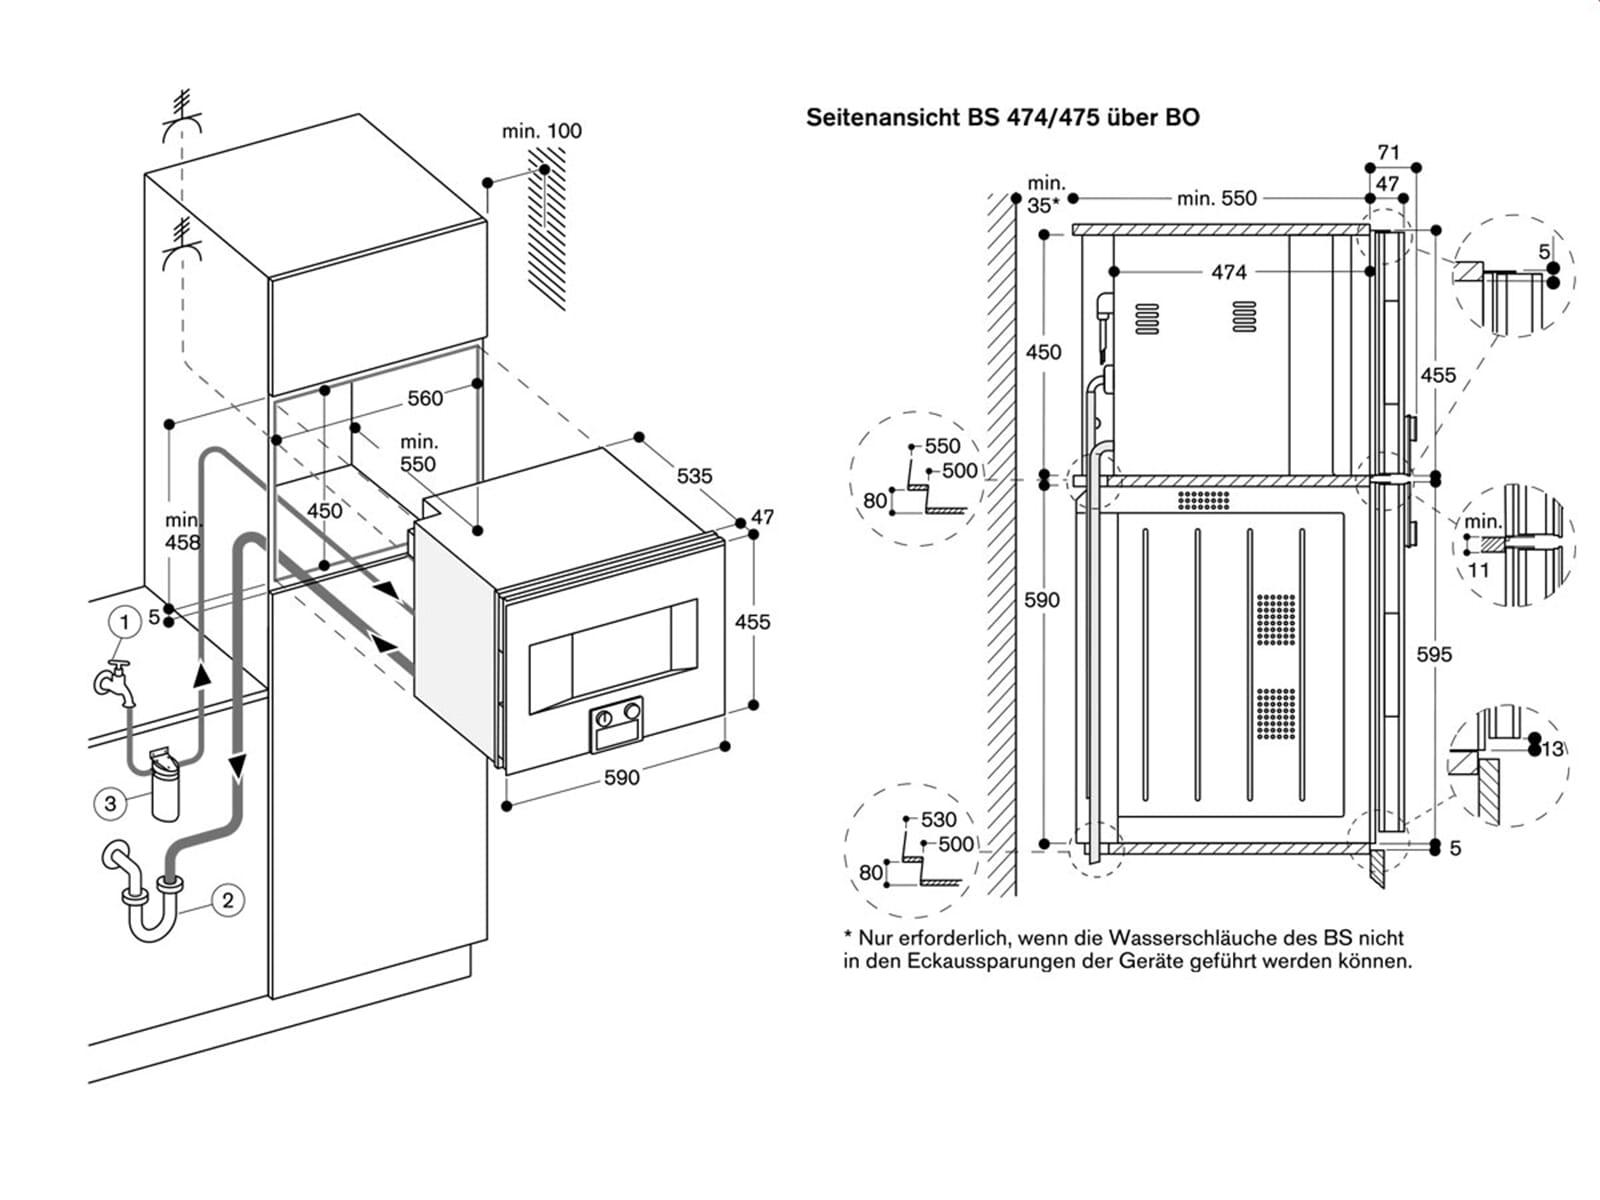 Gaggenau BS 474 101 Dampfbackofen Serie 400 Anthrazit